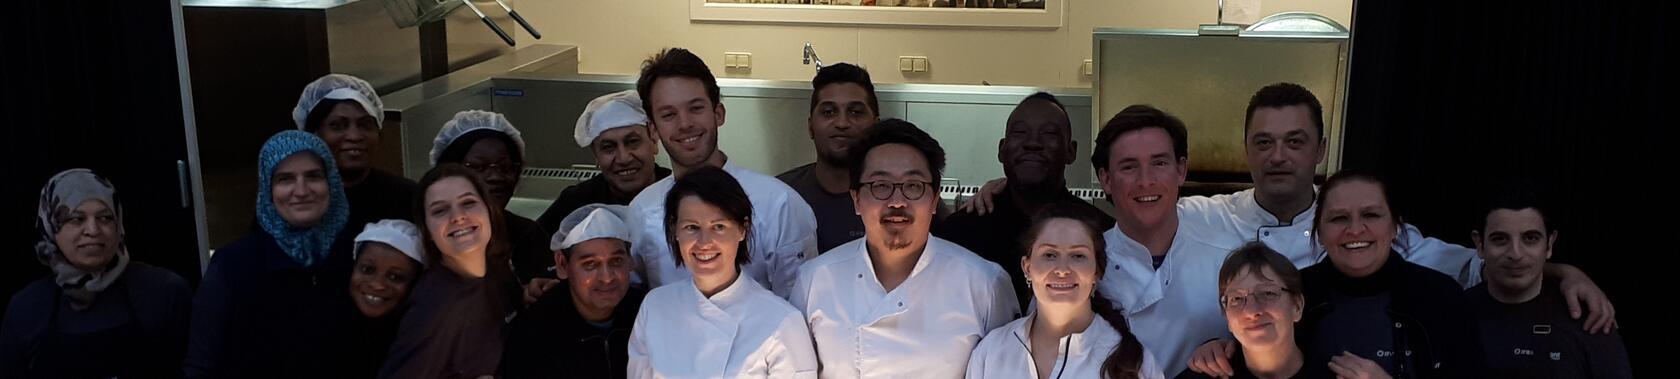 Header sociale restaurants Balenmagazijn Week van de Pollepel